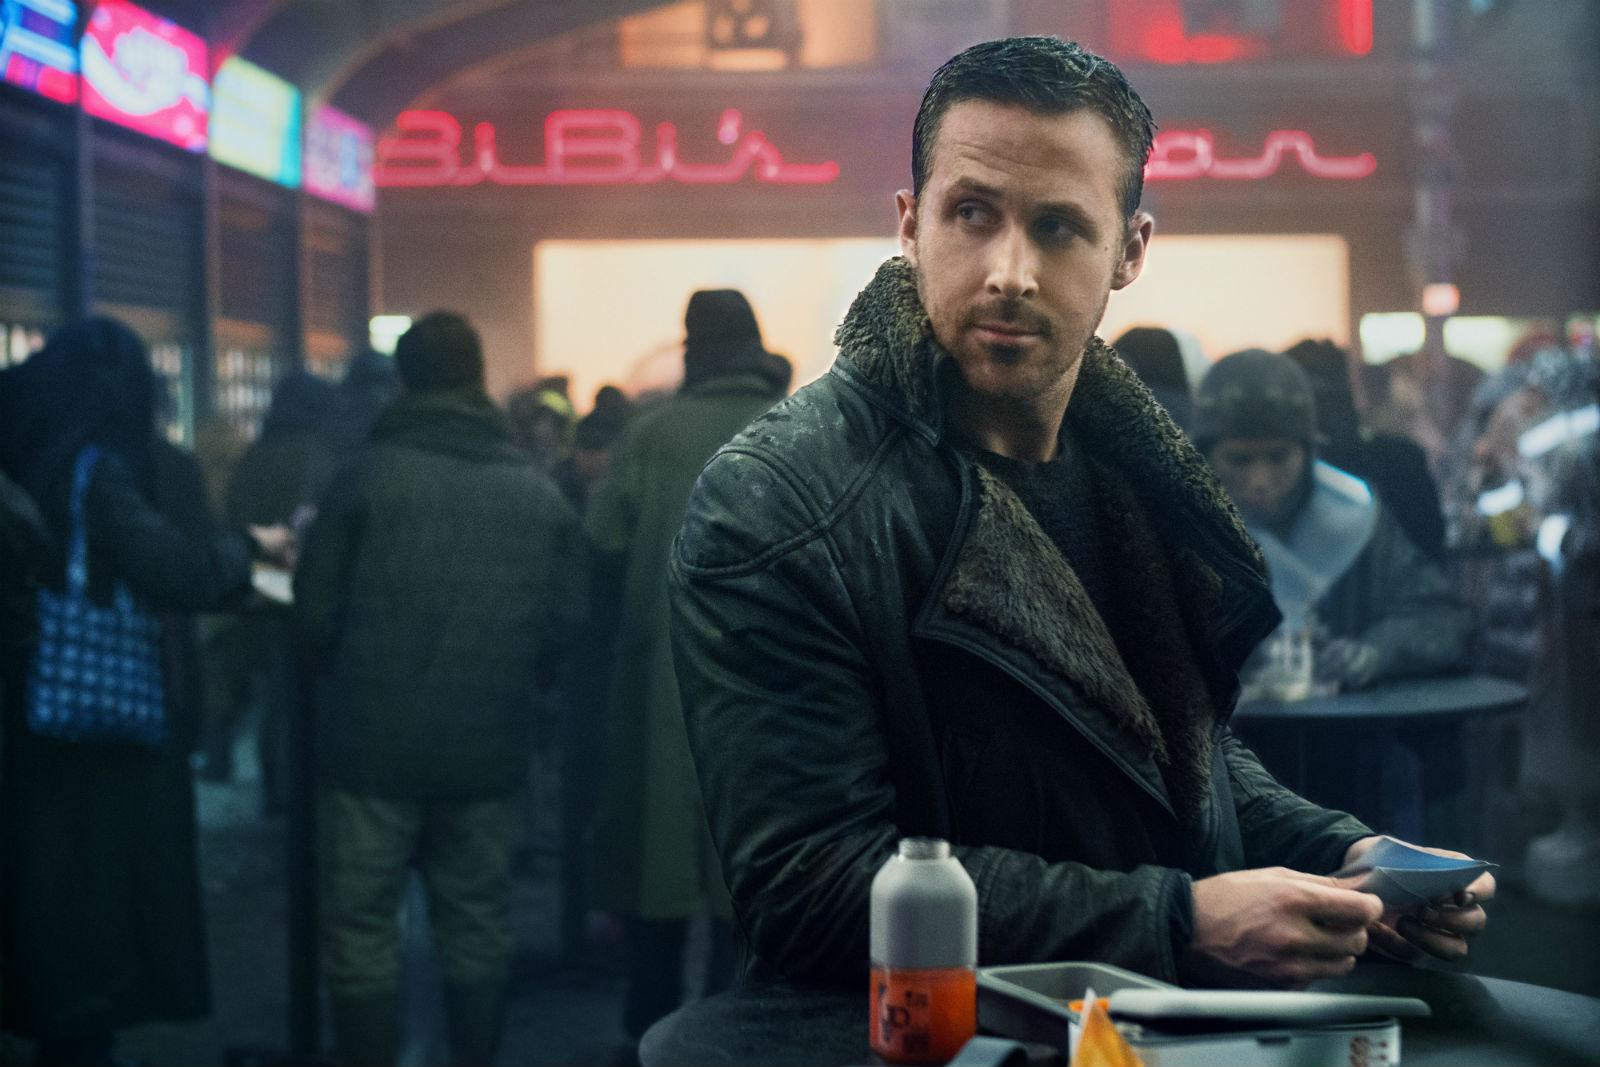 Ryan Gosling in a scene from Blade Runner 2049.